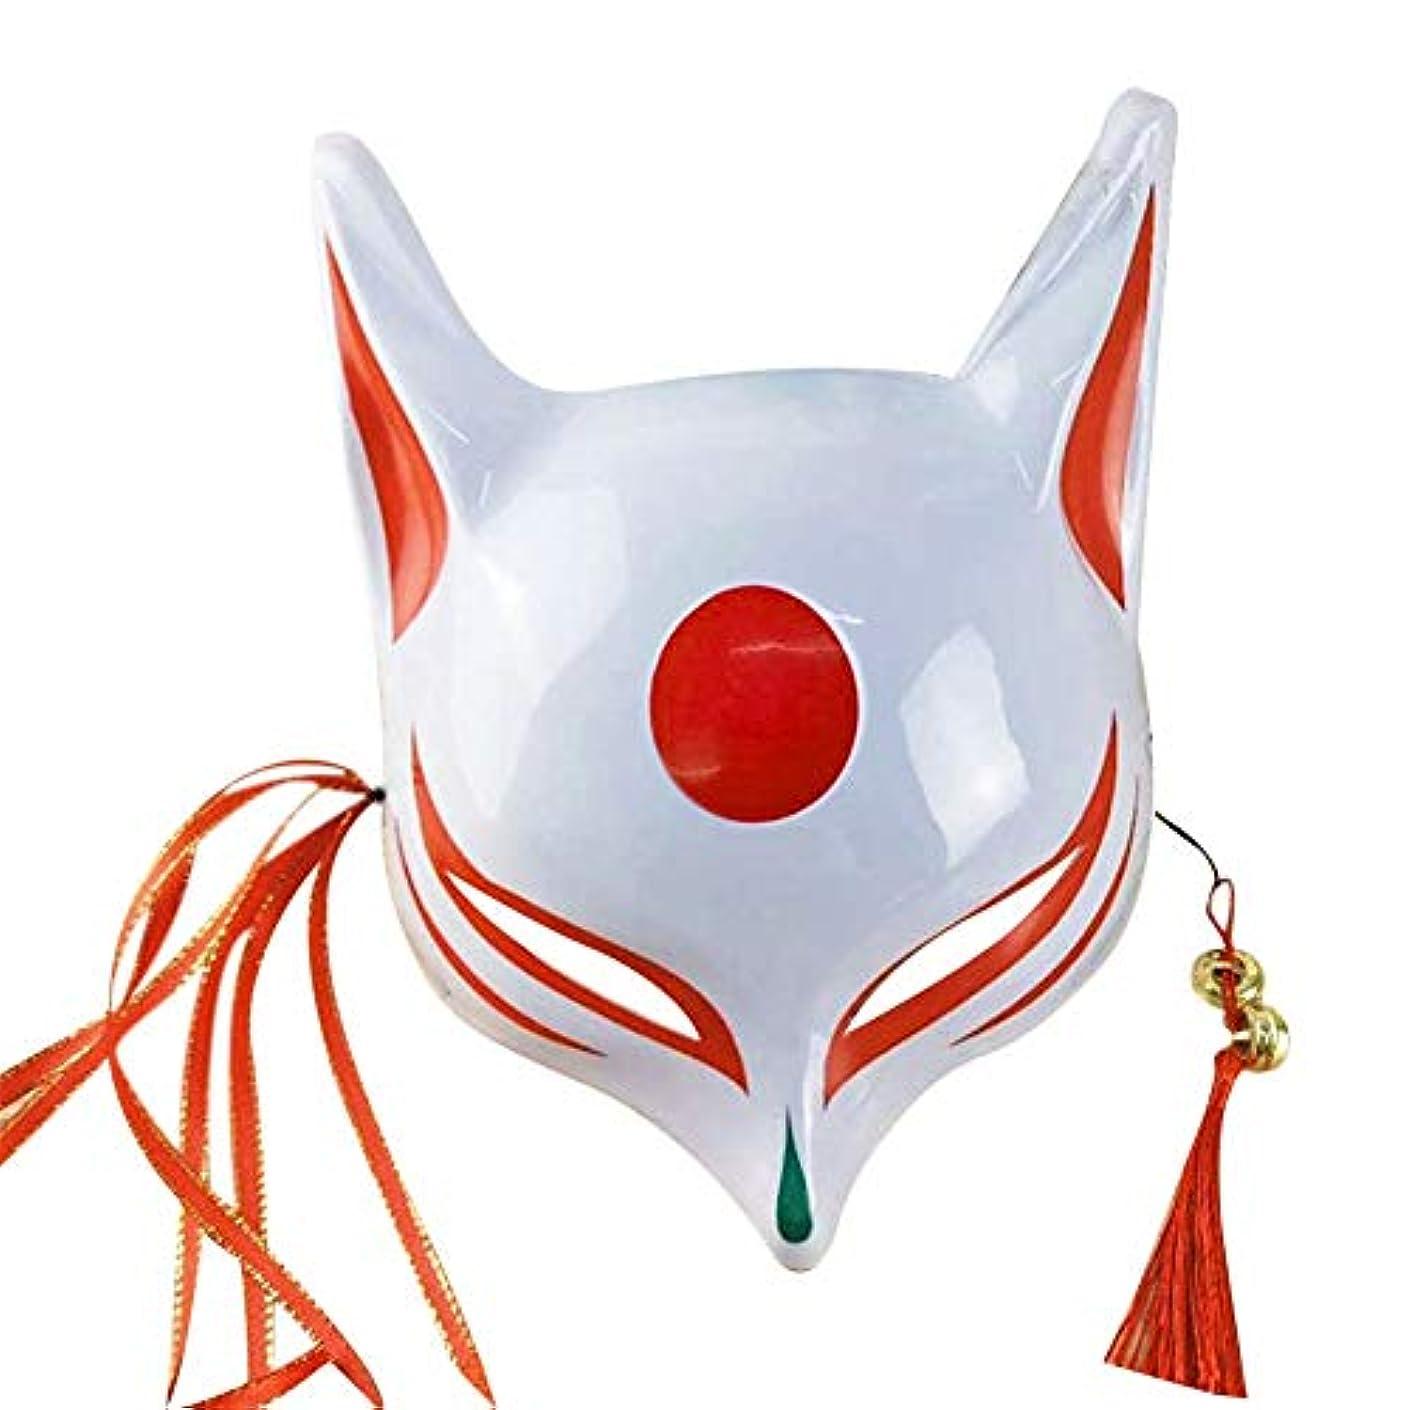 複雑な代わってサイトKISSION手描きのマスクフォックスハーフフェイスマスクロールプレイ仮装ドレスアップ マスクバーパーティー キツネの妖精の半分の顔 和風の手描き